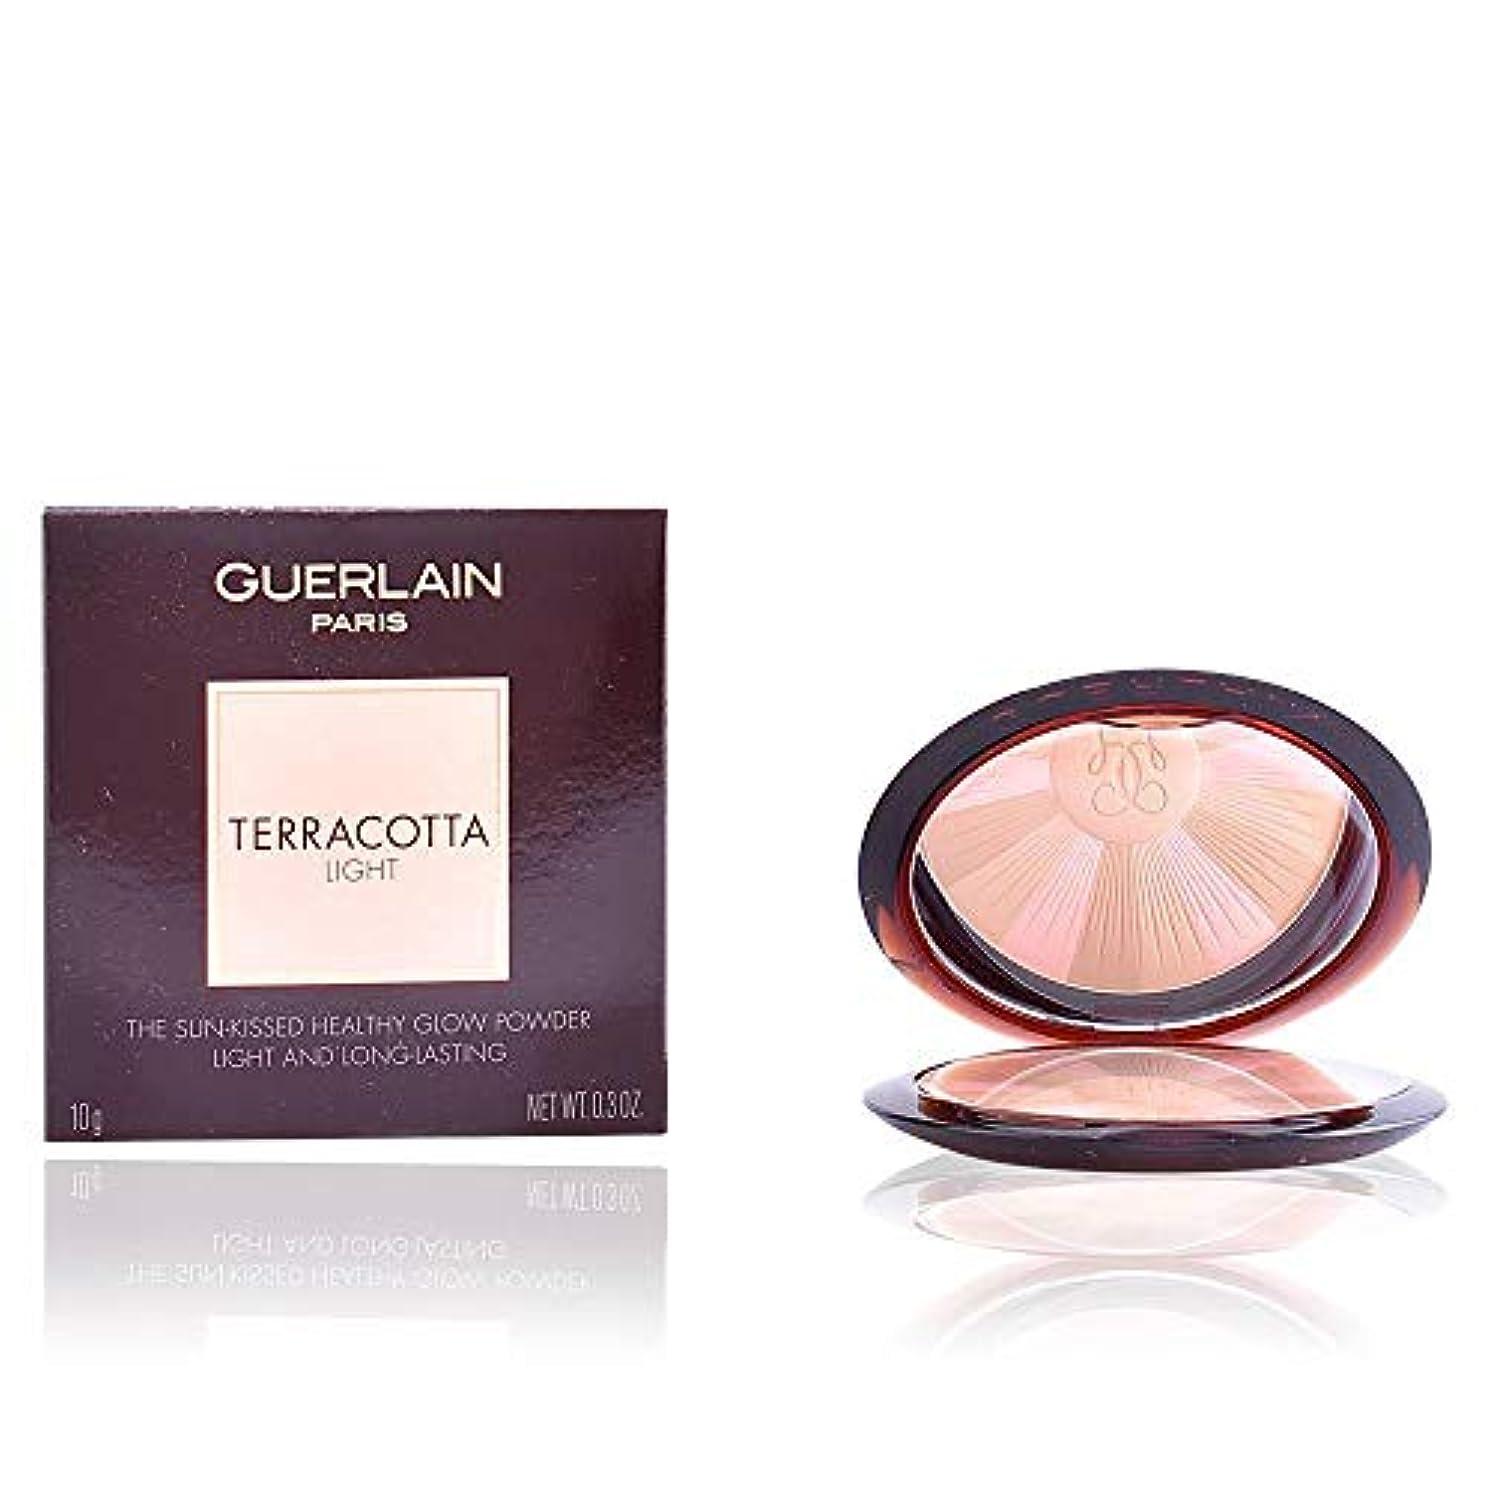 彼女自身契約する自分のためにゲラン Terracotta Light The Sun Kissed Healthy Glow Powder - # 00 Light Cool 10g/0.3oz並行輸入品